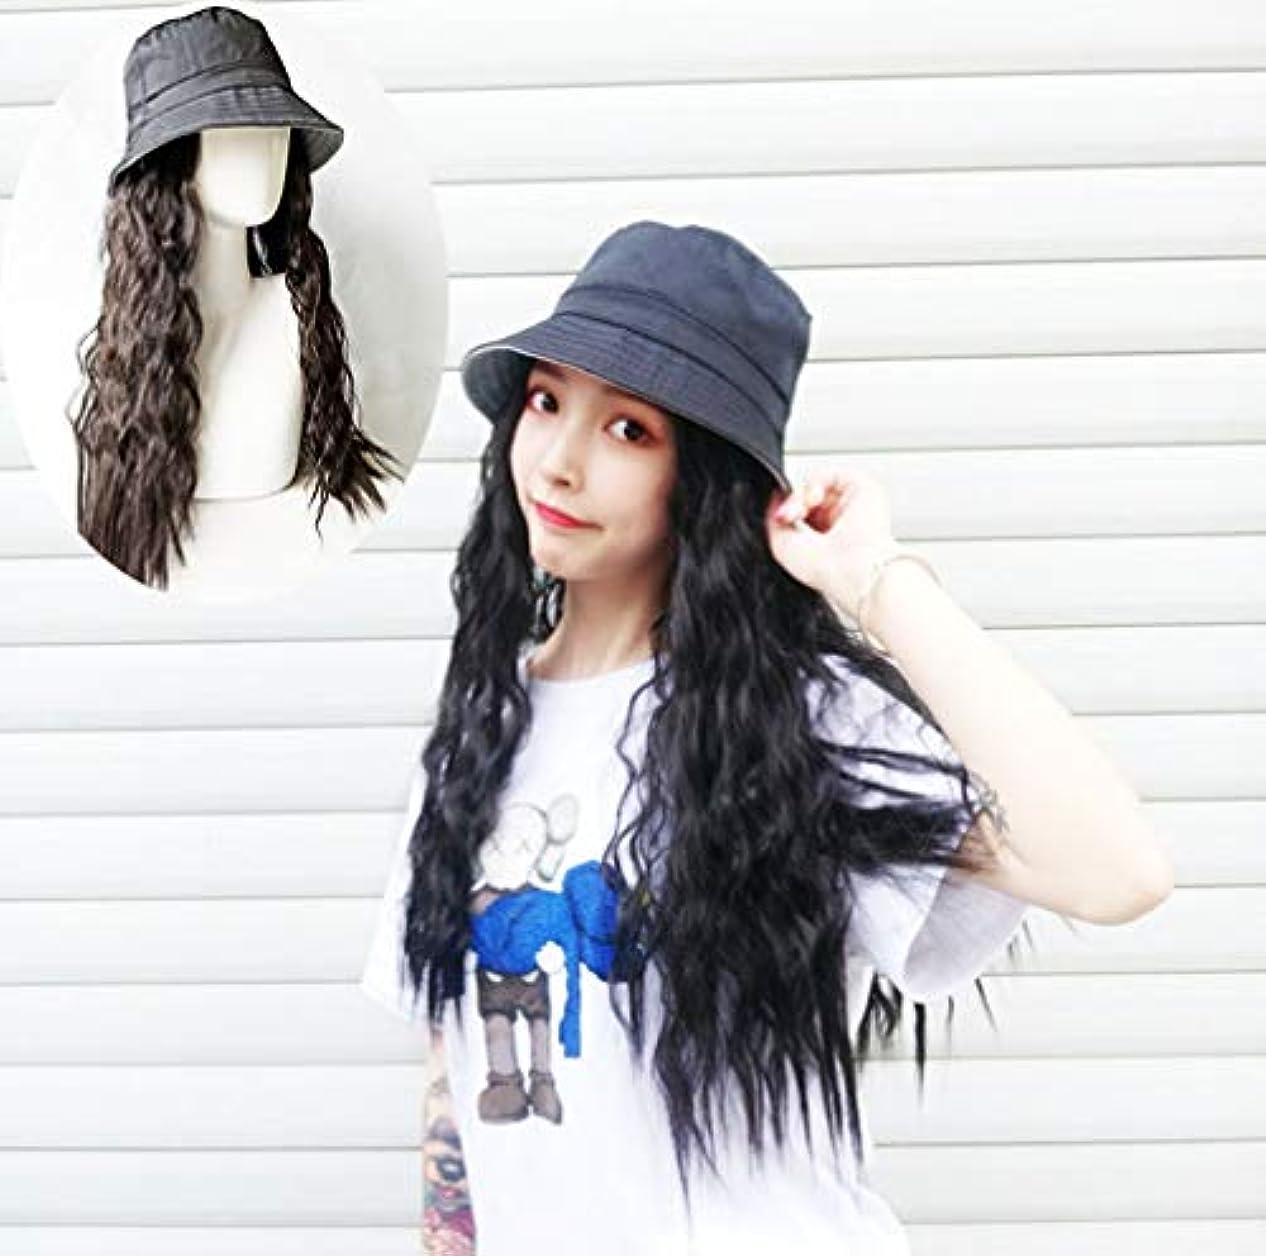 ロイヤリティ相互接続地震長いウェーブのかかった髪の拡張子を持つ女性野球キャップ毎日のパーティーの使用のための黒い帽子が付いた自然な人工毛65cm